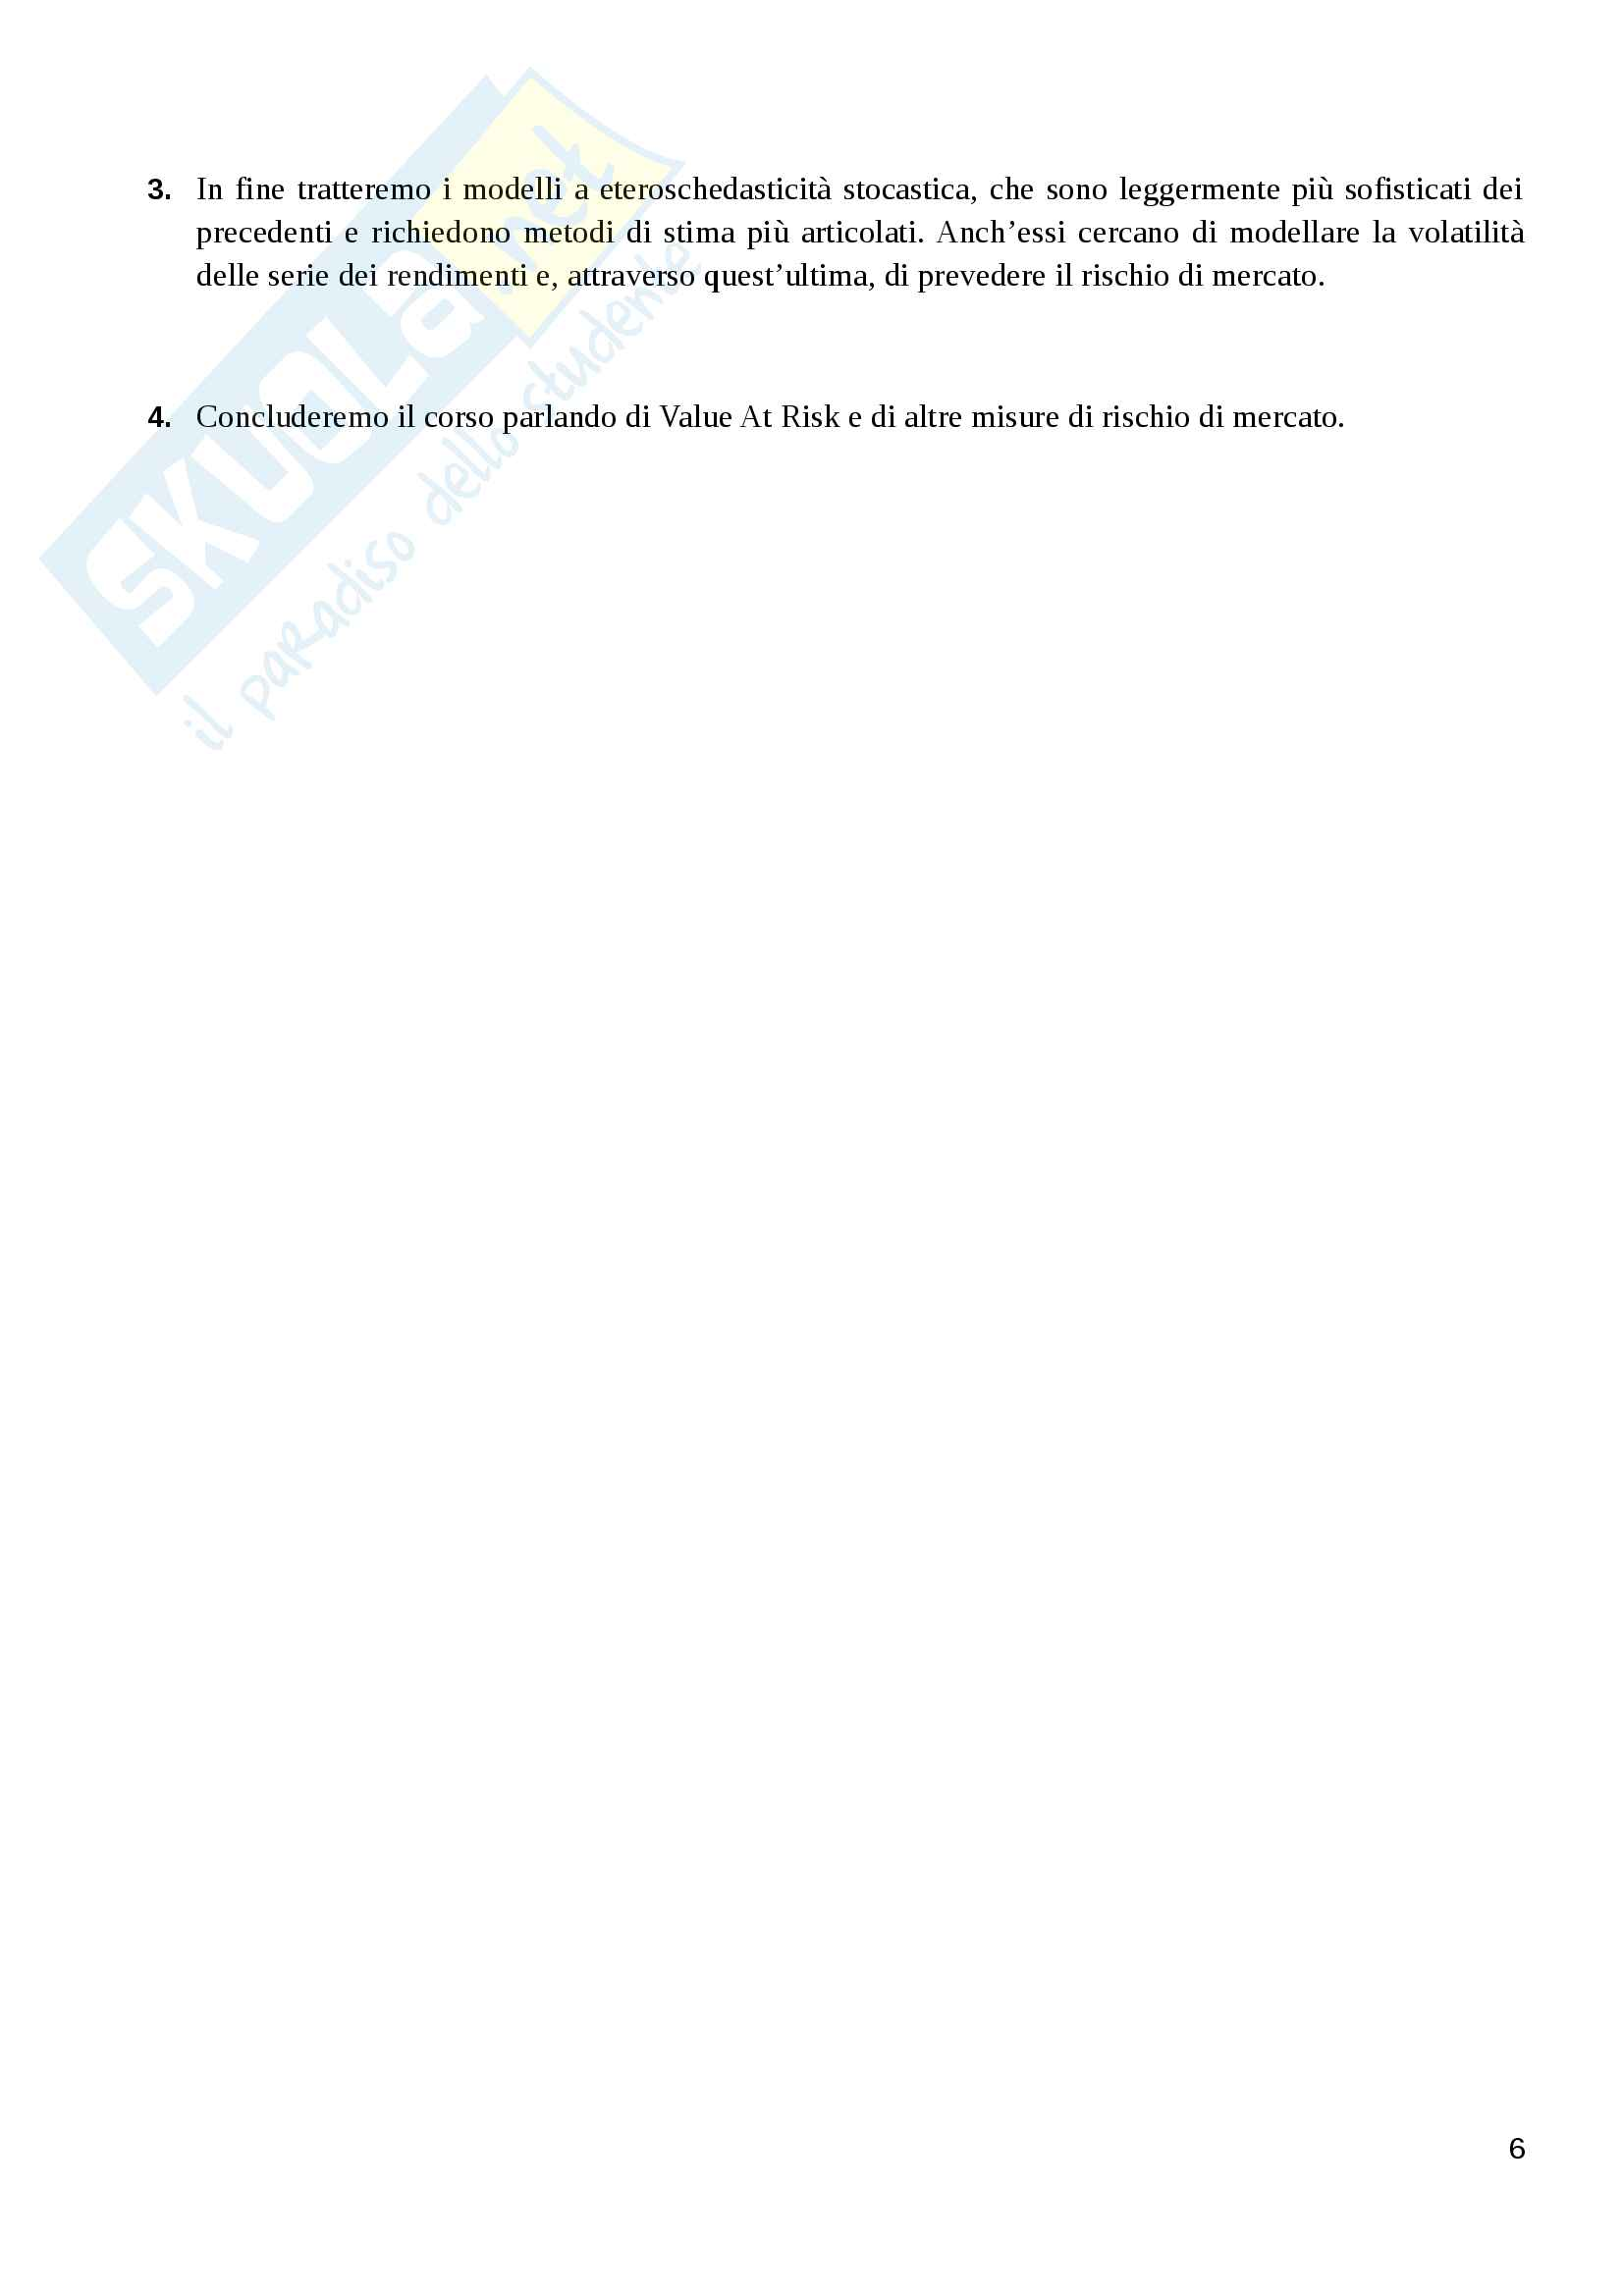 Appunti Finanza Quantitativa Pag. 6